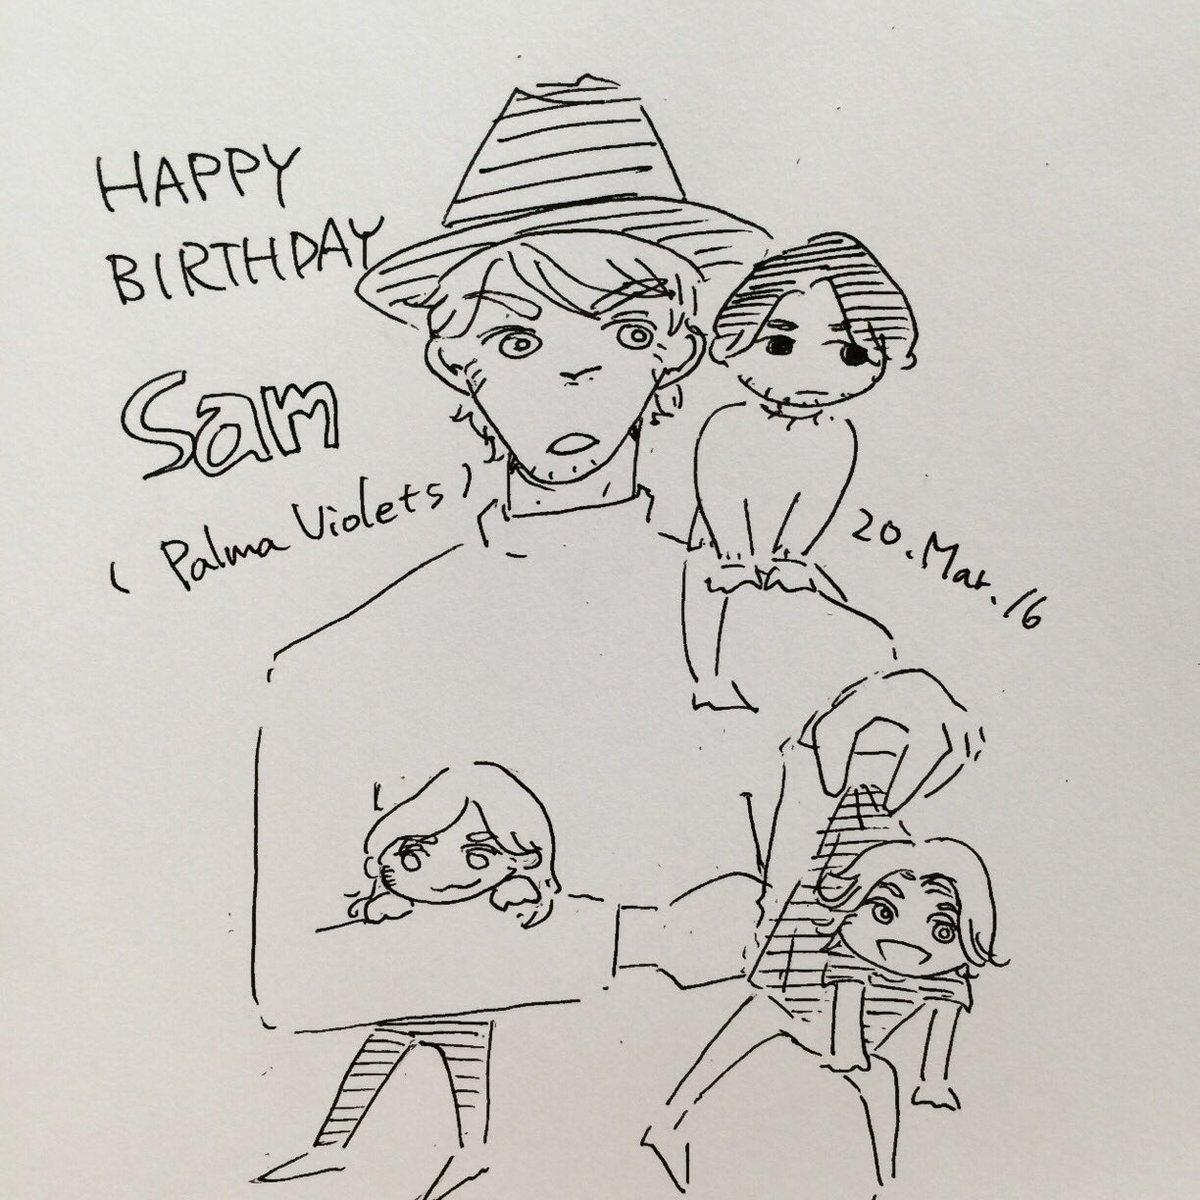 Happy Birthday Sam🎉🎉 Palma Violetsのお父さん的存在(最年長はピート)でニックケイヴみたいな深い声が魅力的な頼れる君が好き! 痩せたら1番イケメンなのでがんばってね🙏🙏